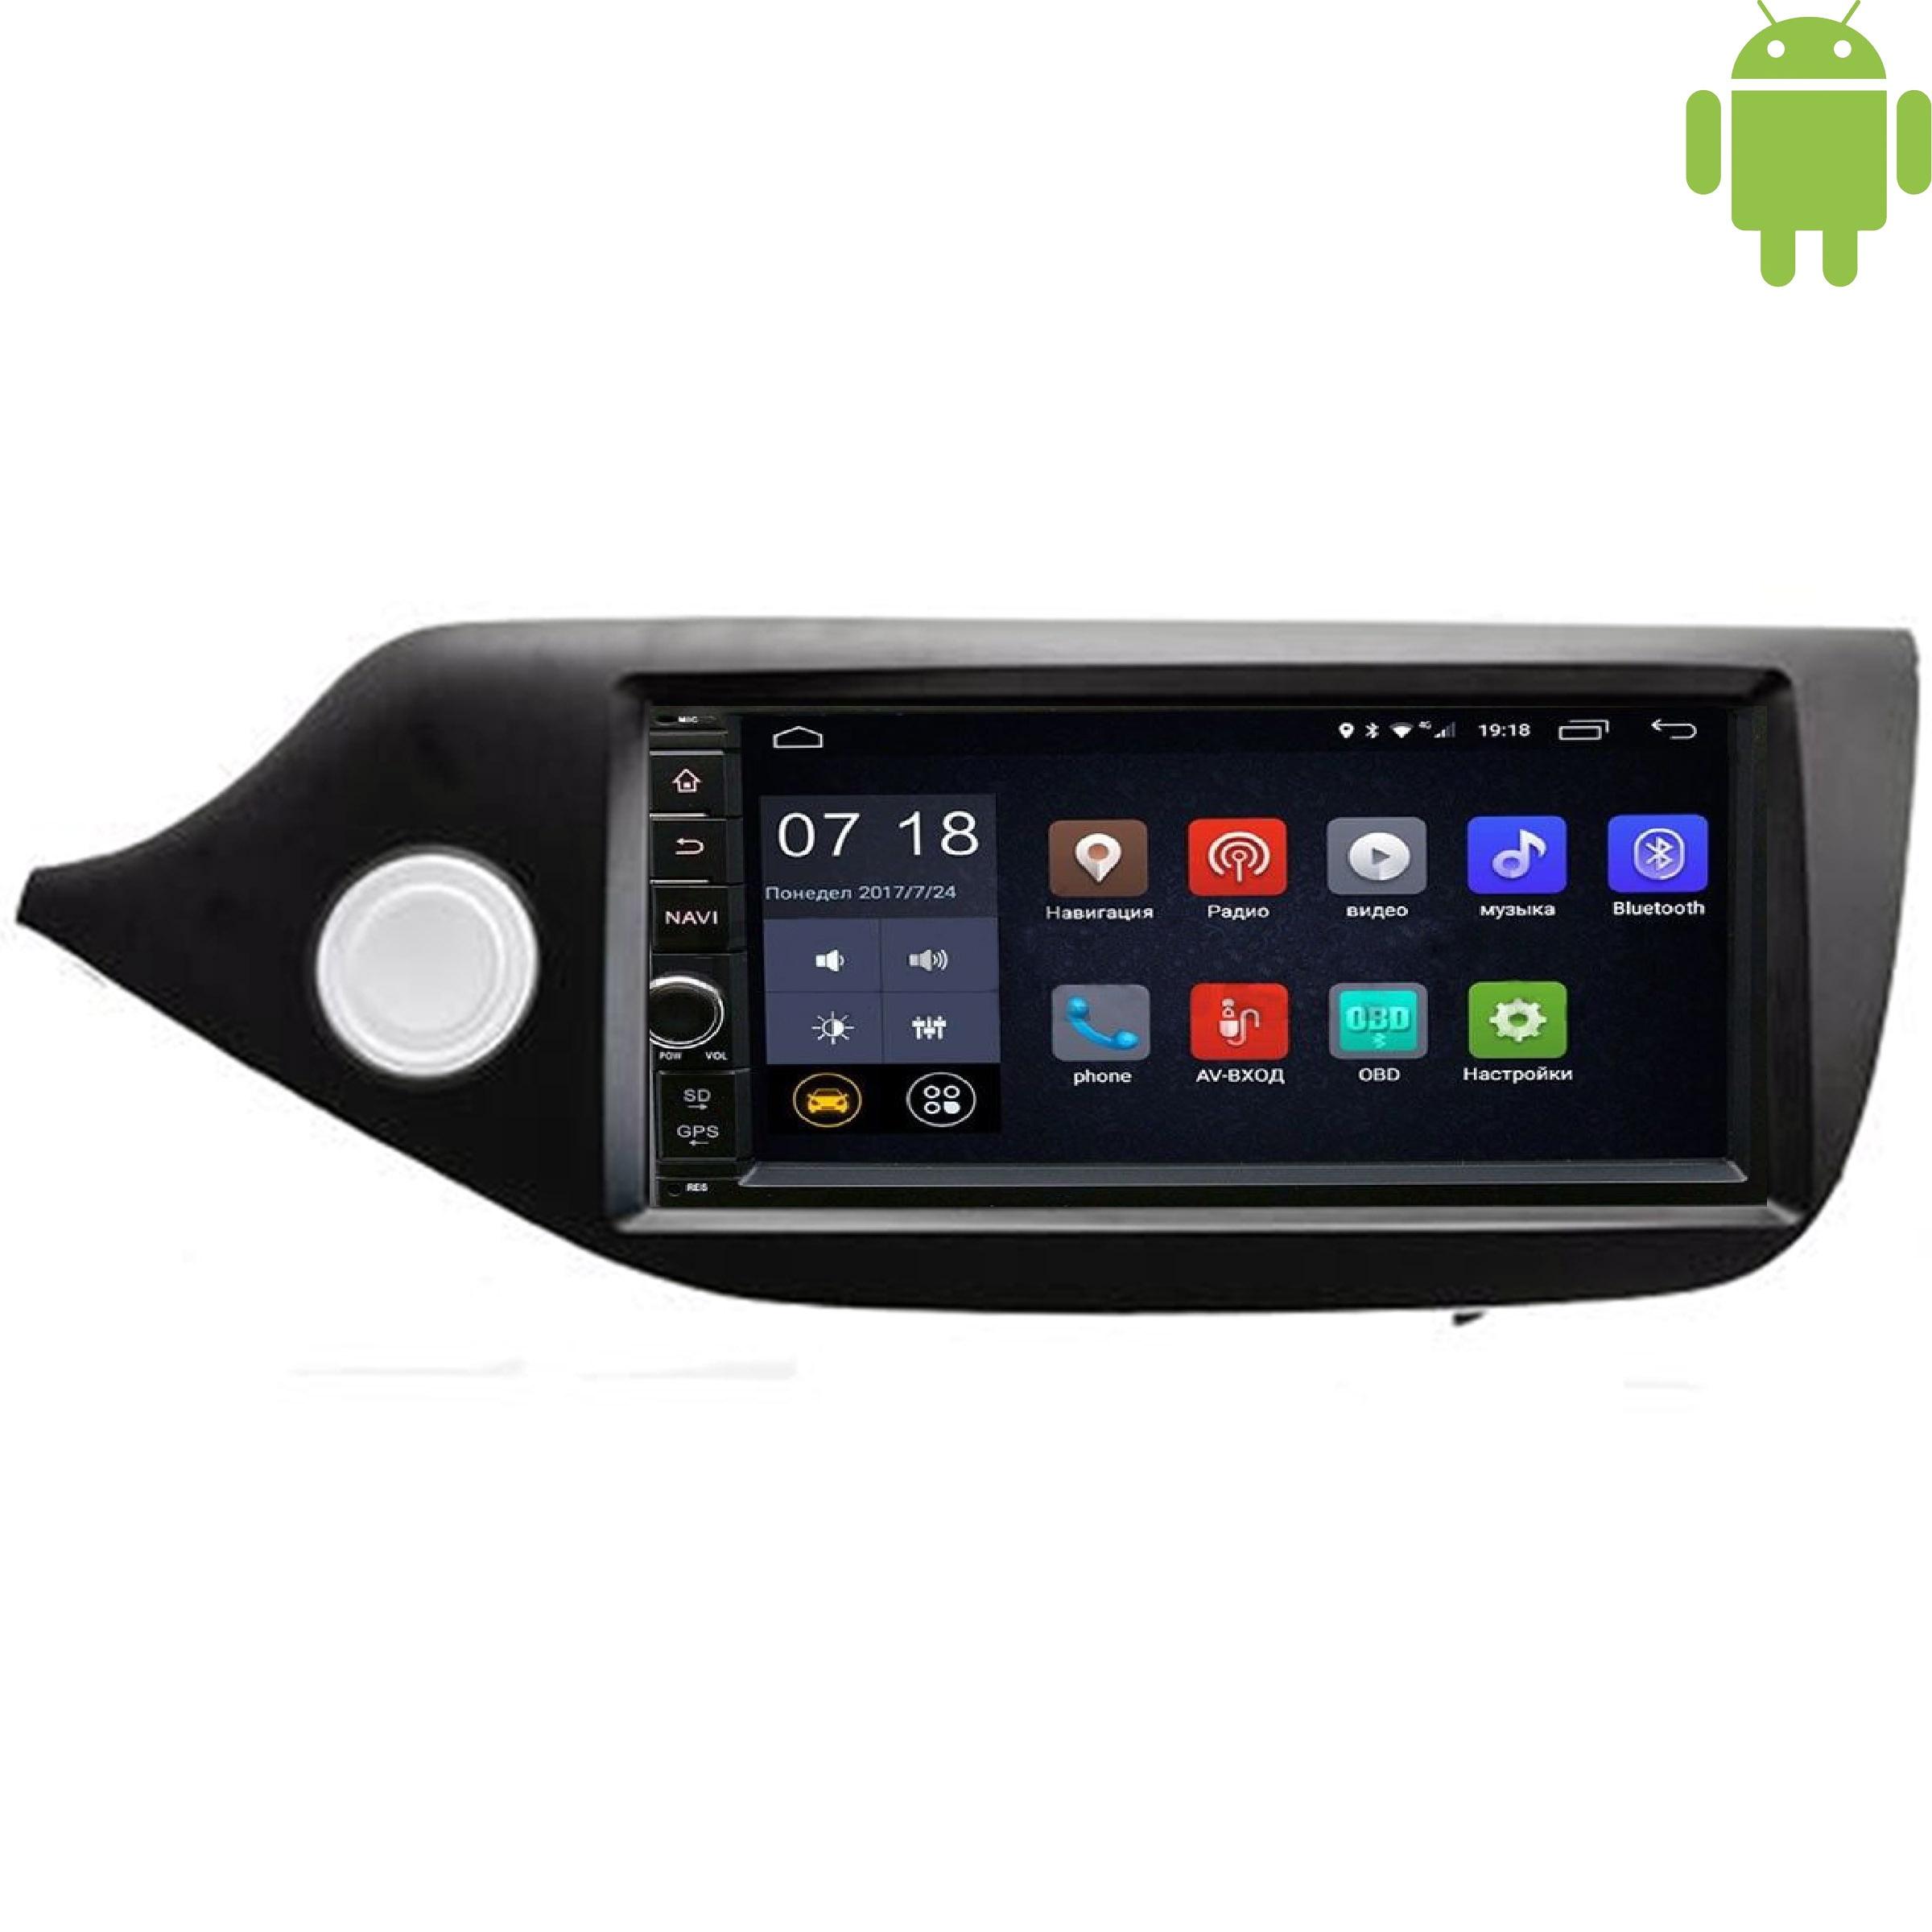 Штатная магнитола LeTrun 1968-RP-KICEF-50 для Kia Ceed II 2012-2018 (матовая) Android 6.0.1 (4G LTE 2GB) (+ Камера заднего вида в подарок!)